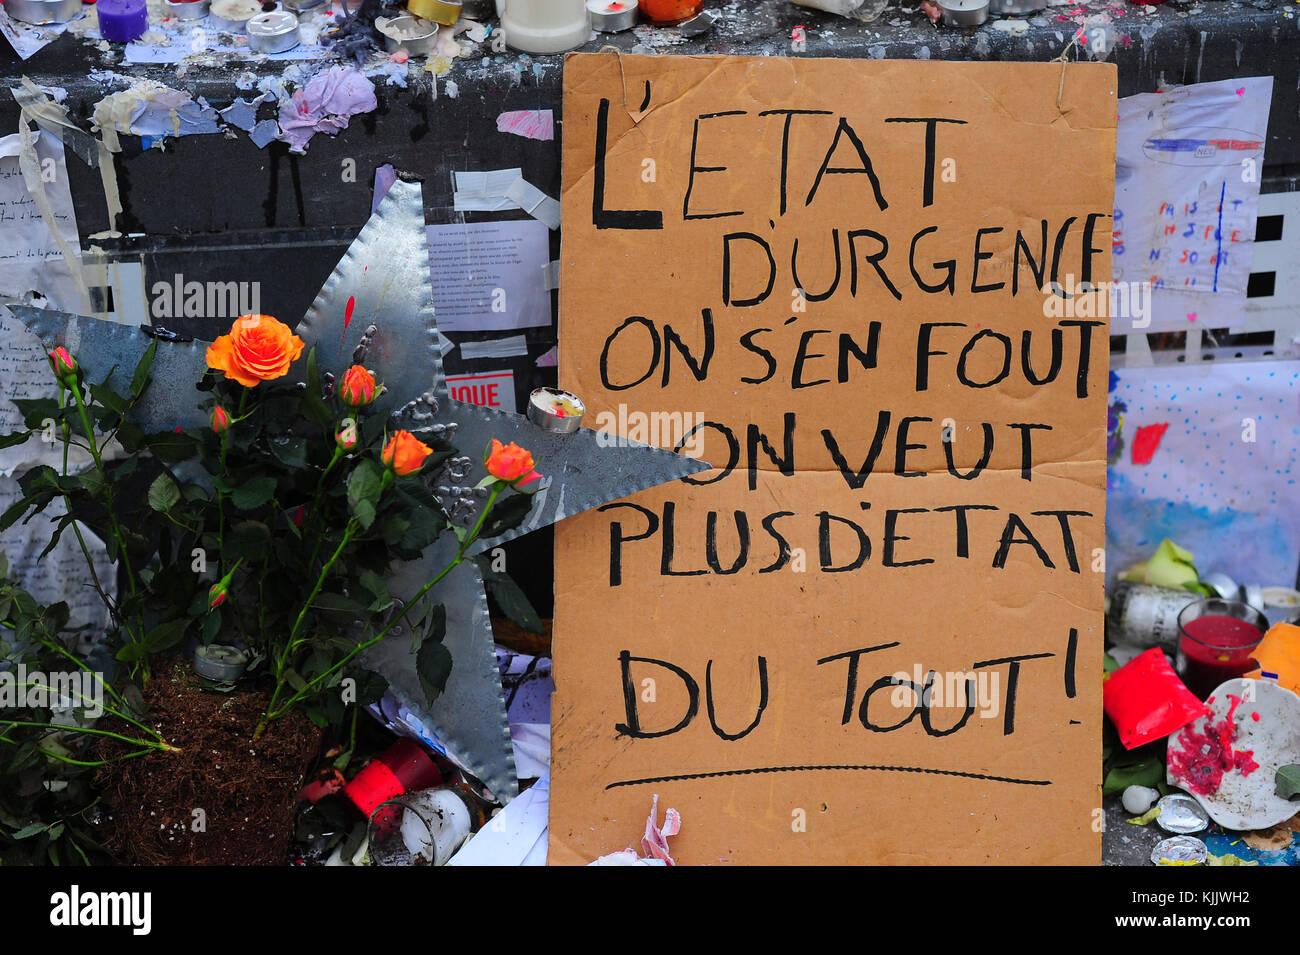 Plus d'état d'urgence! Placard à Paris. La France. Photo Stock